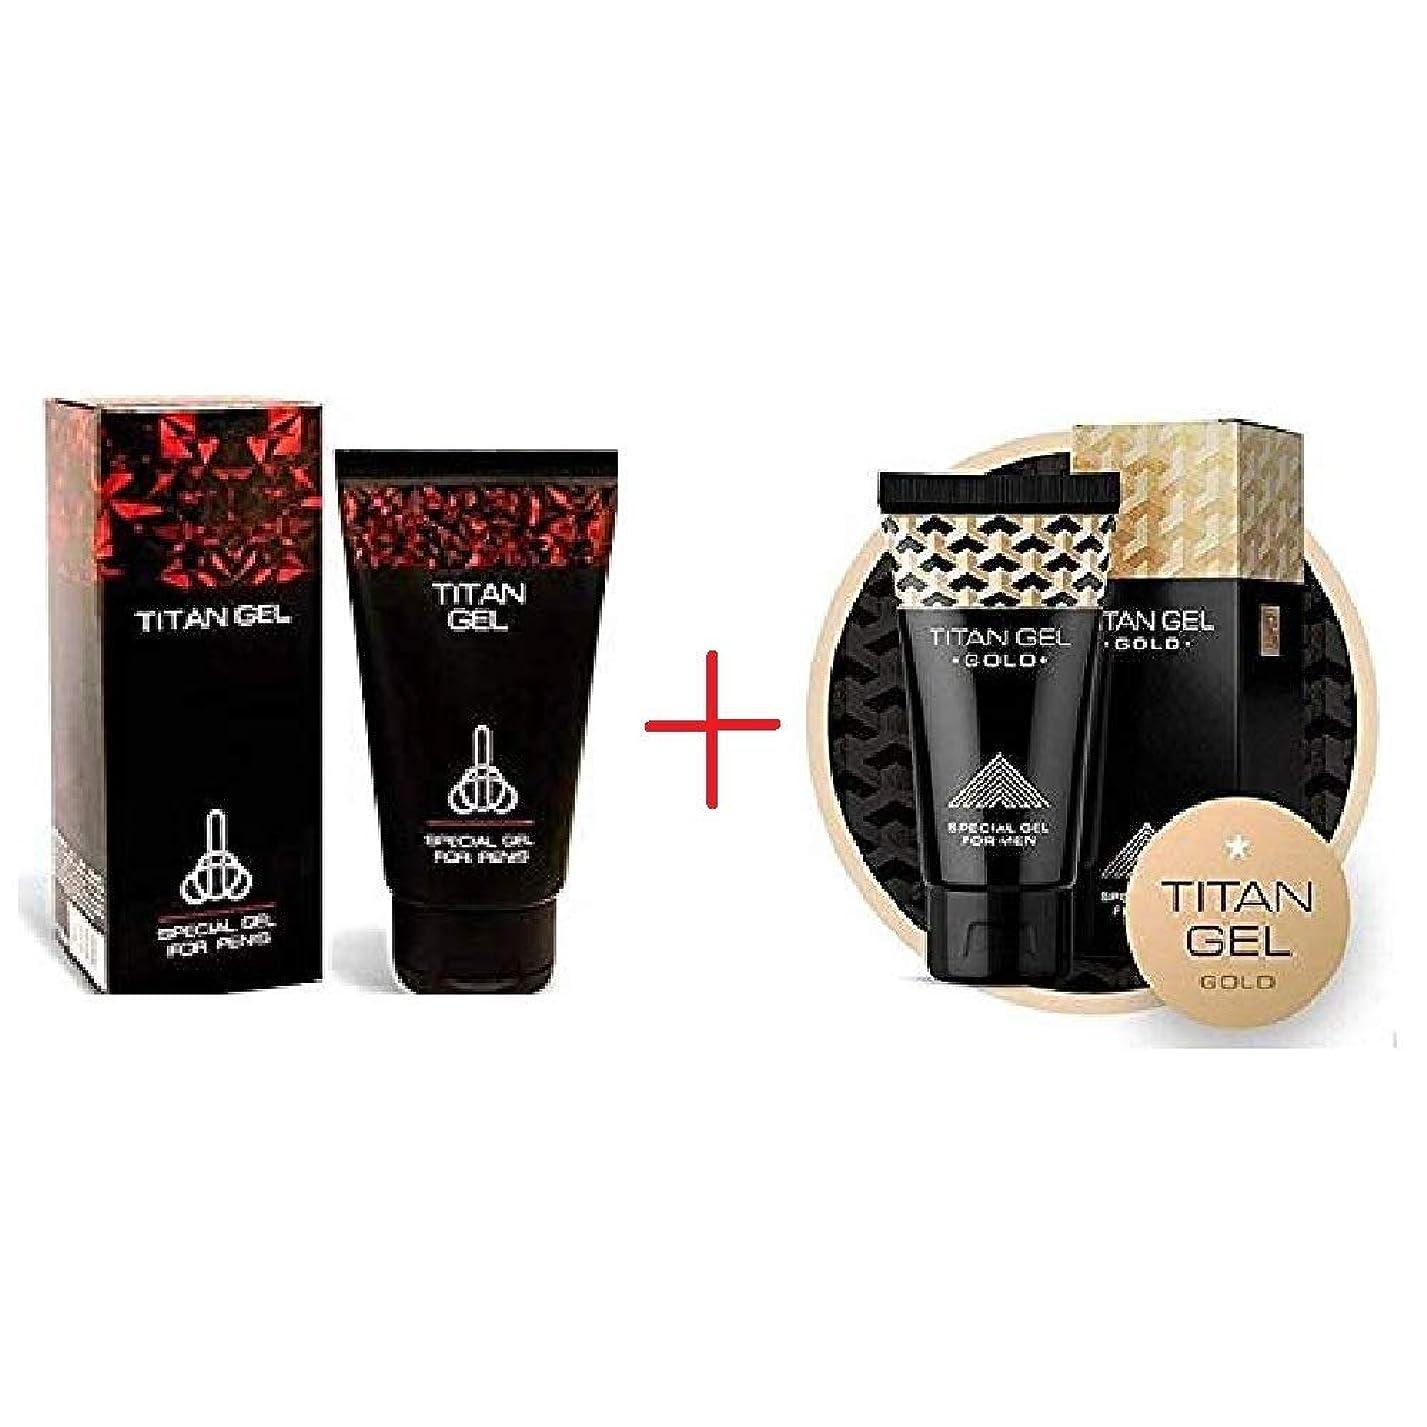 ロビー髄空気タイタンジェル Titan gel 50ml +タイタンジェル ゴールド Titan gel Gold 50ml 日本語説明付き [並行輸入品]